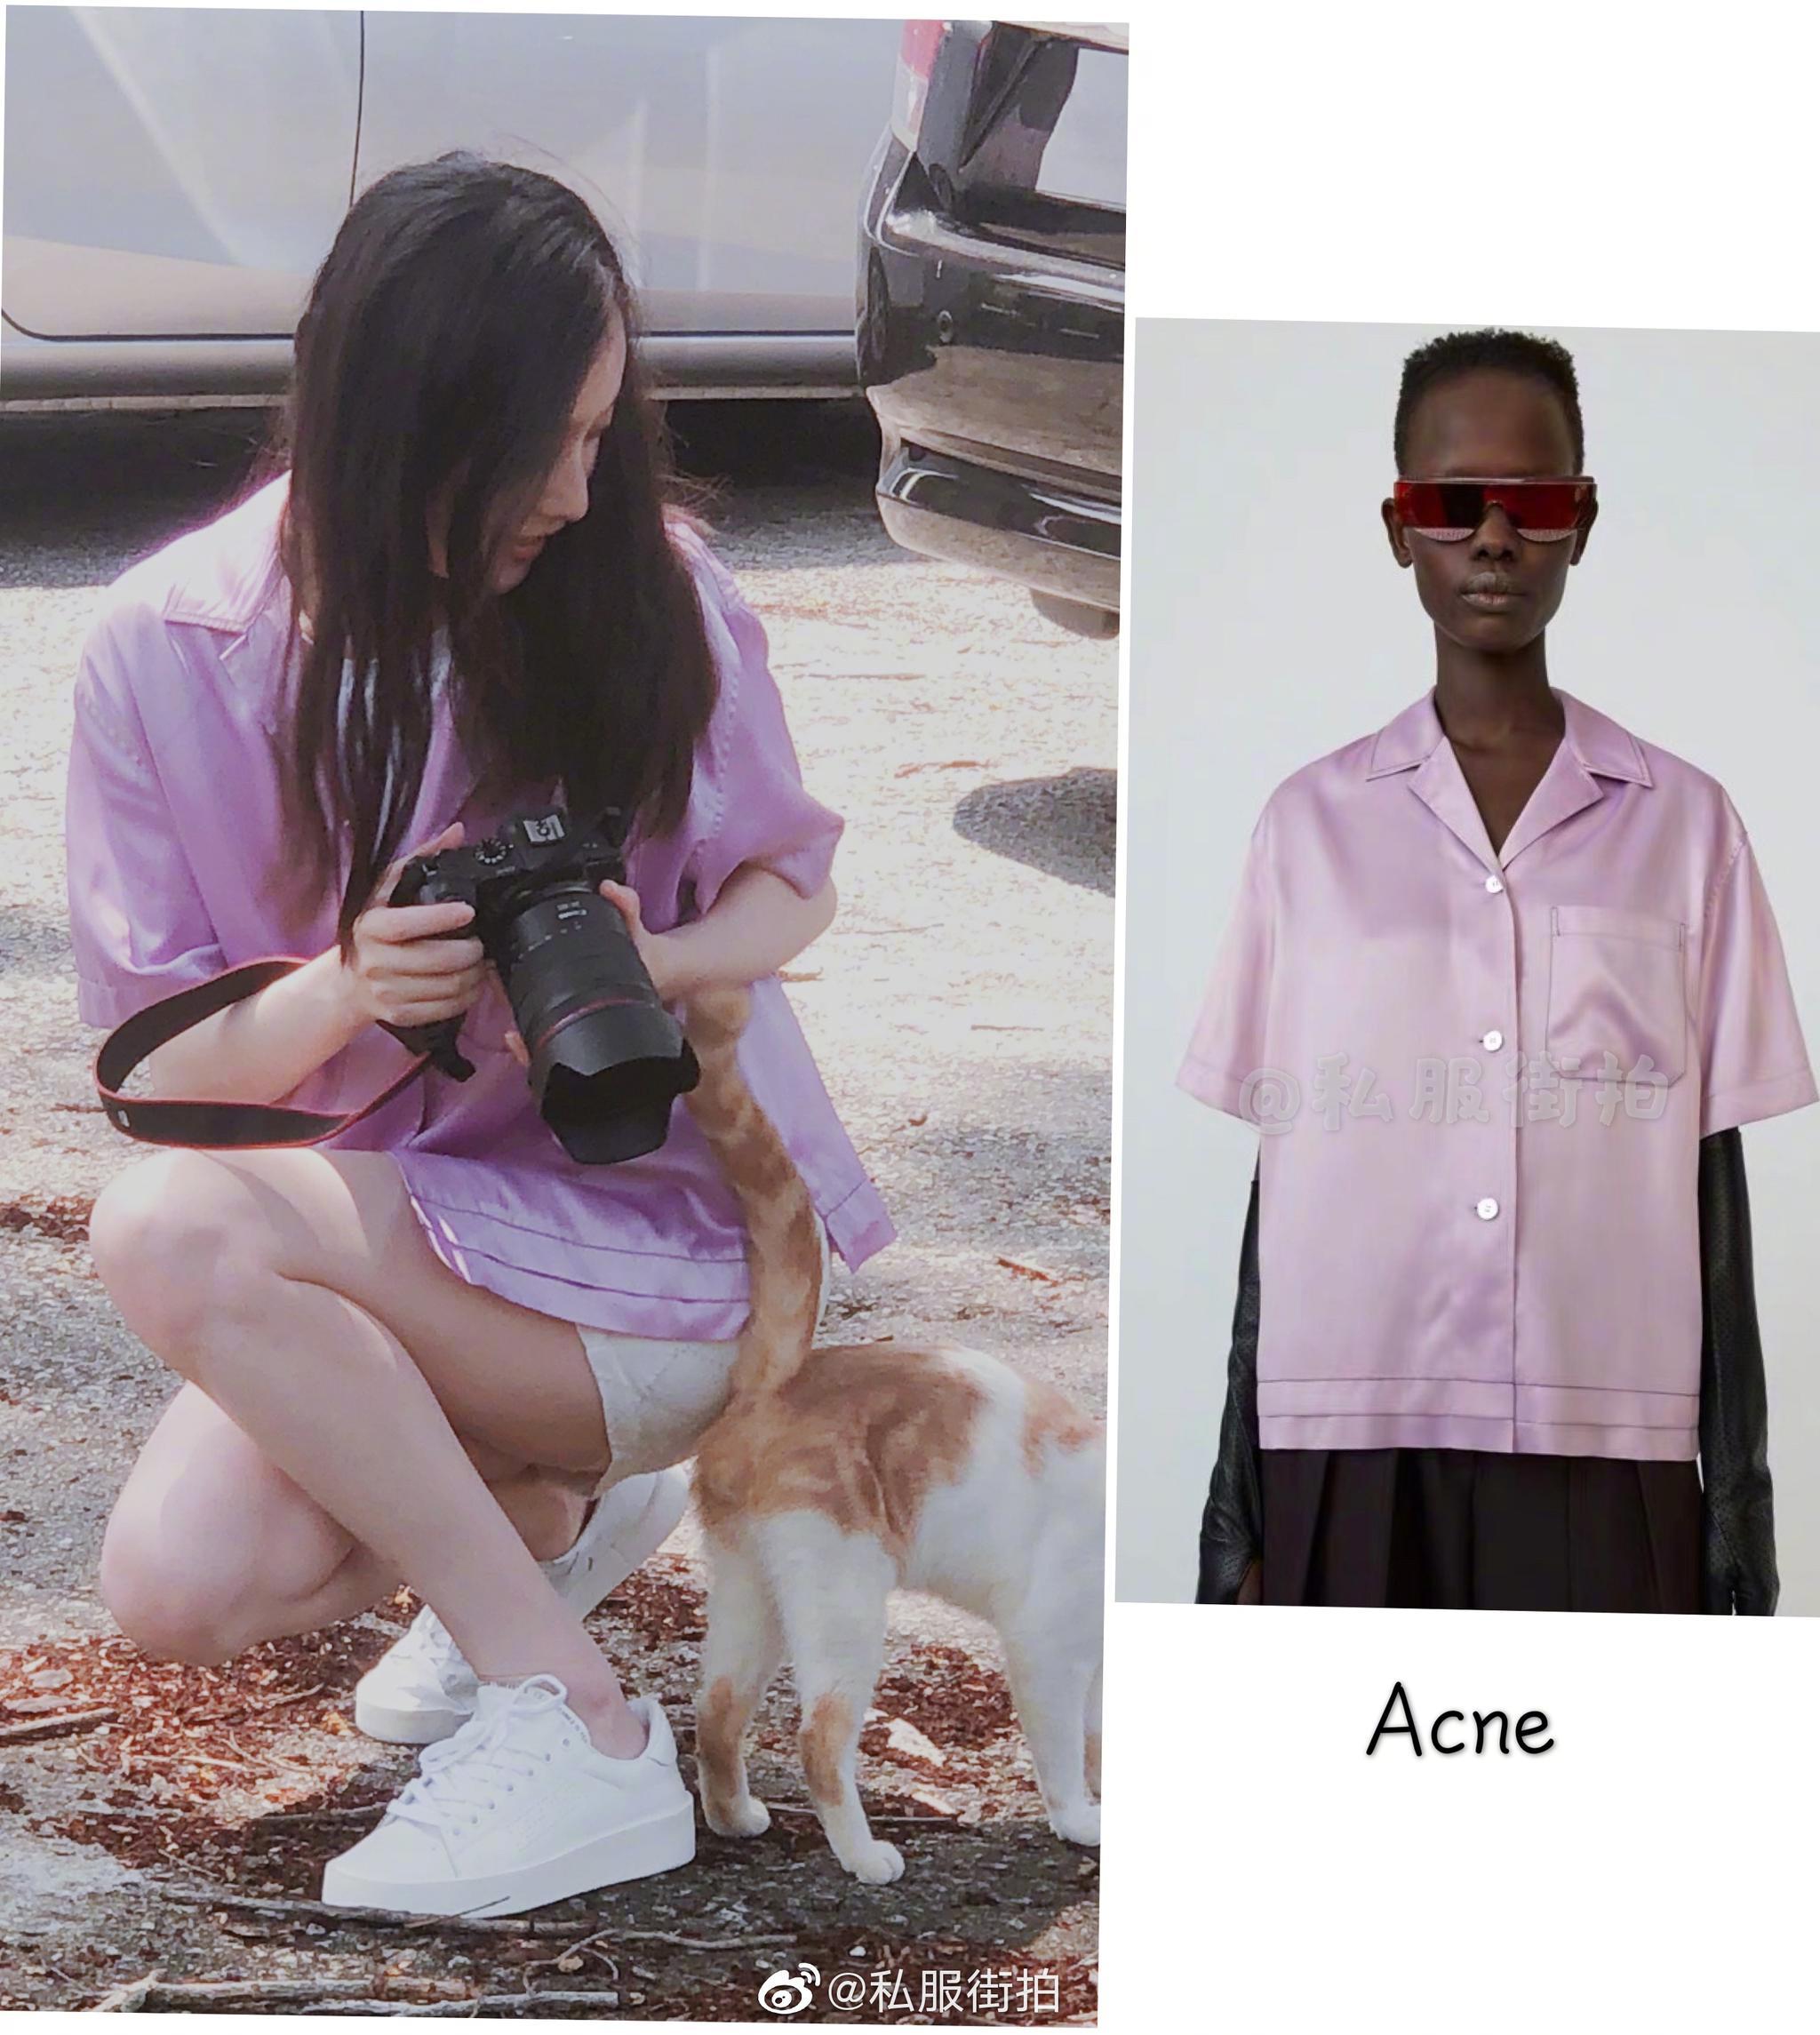 工作室更新倪妮私照,身穿香芋紫短袖衬衫搭配白色短裙拍摄流浪大橘